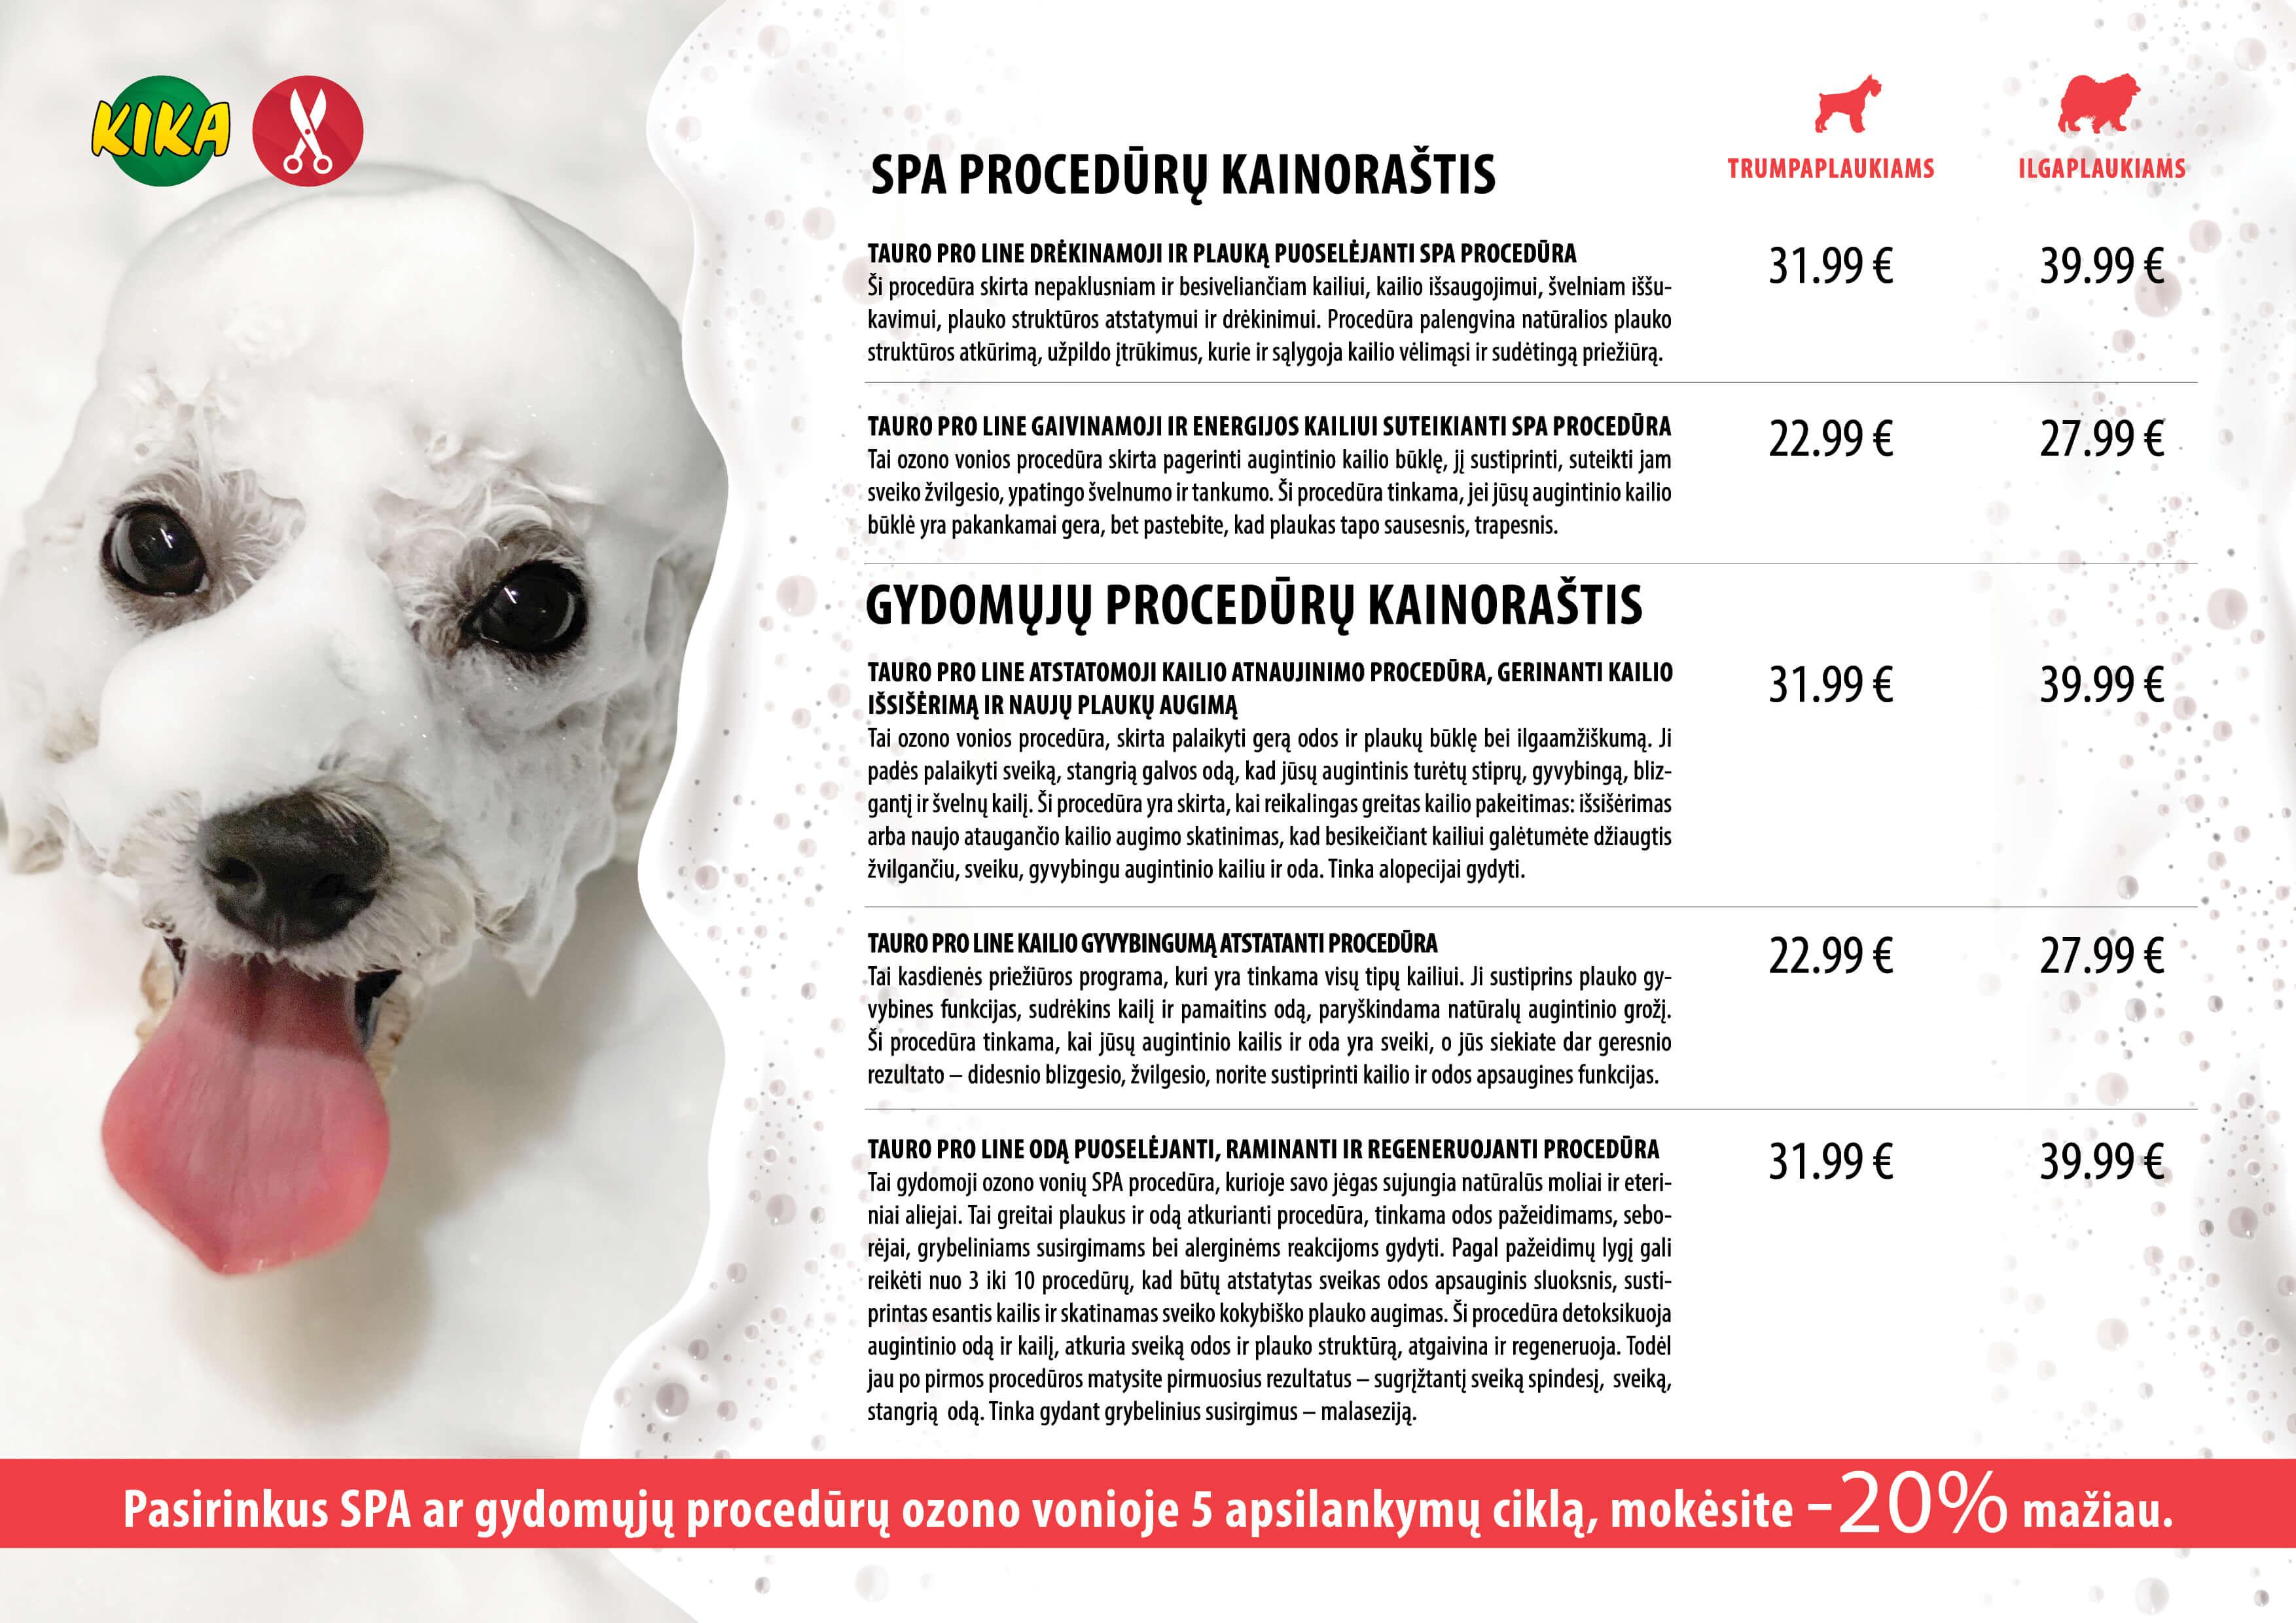 SPA-ir-gydomuju-proceduru-kainorastis